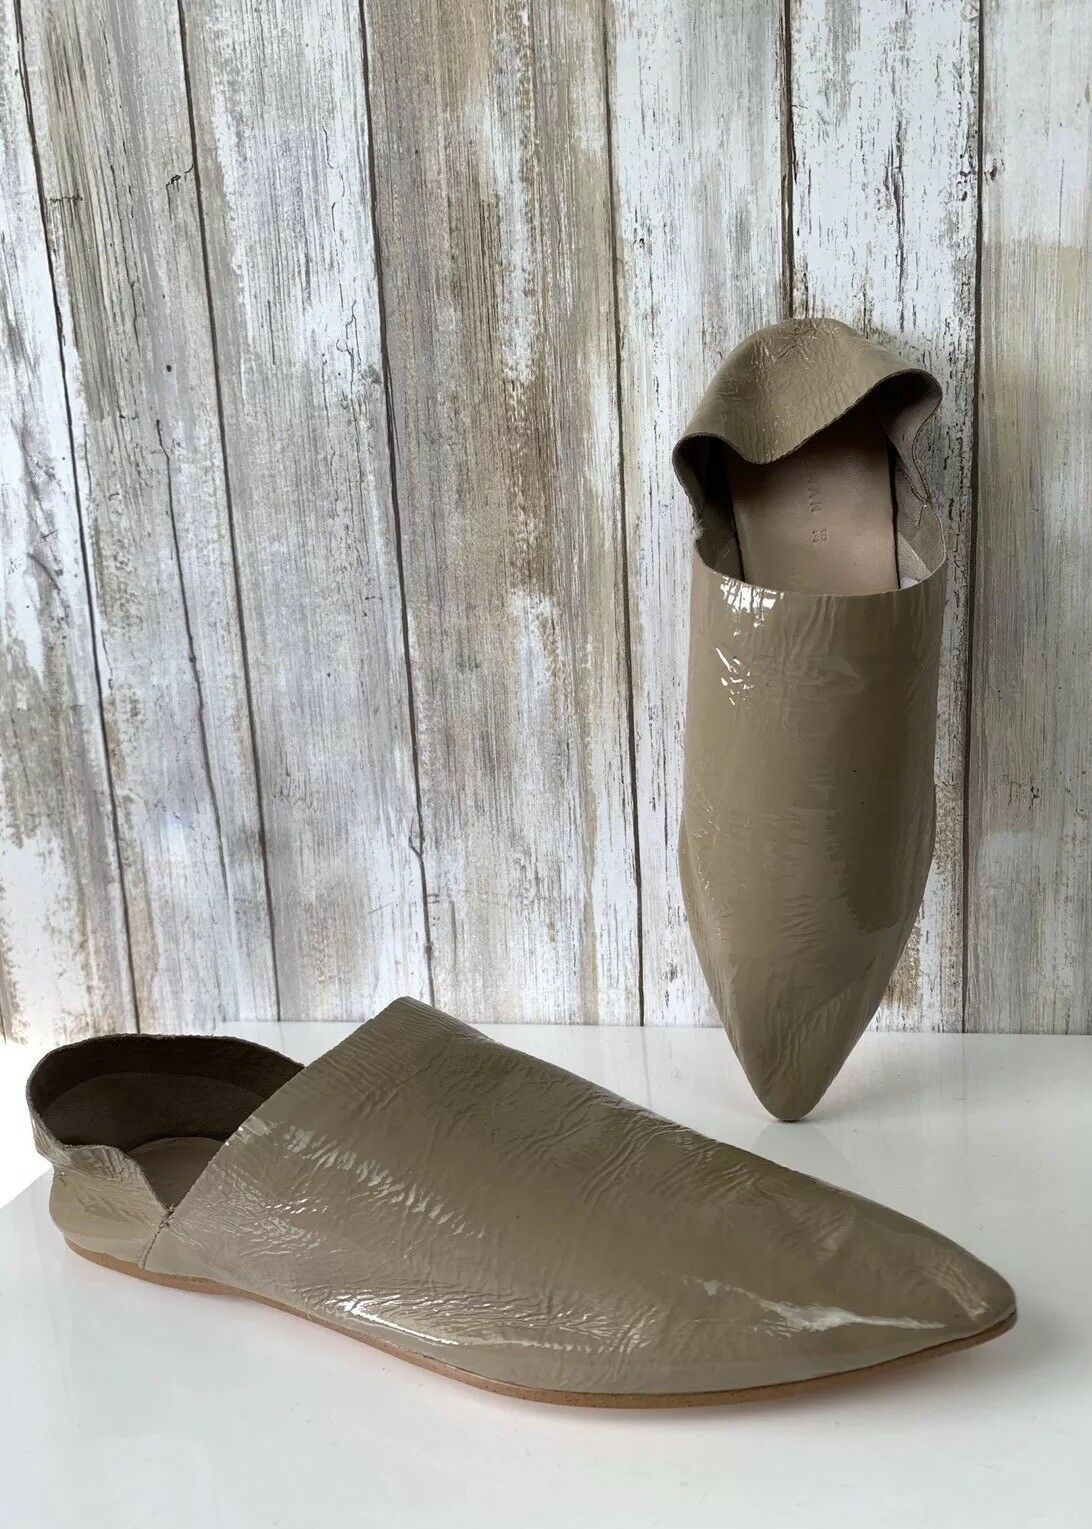 Zara Beige Marrón Marrón Marrón Topo Charol babouches diapositiva Flats zapatos 38 7.5 SS18 Blogger  tienda en linea